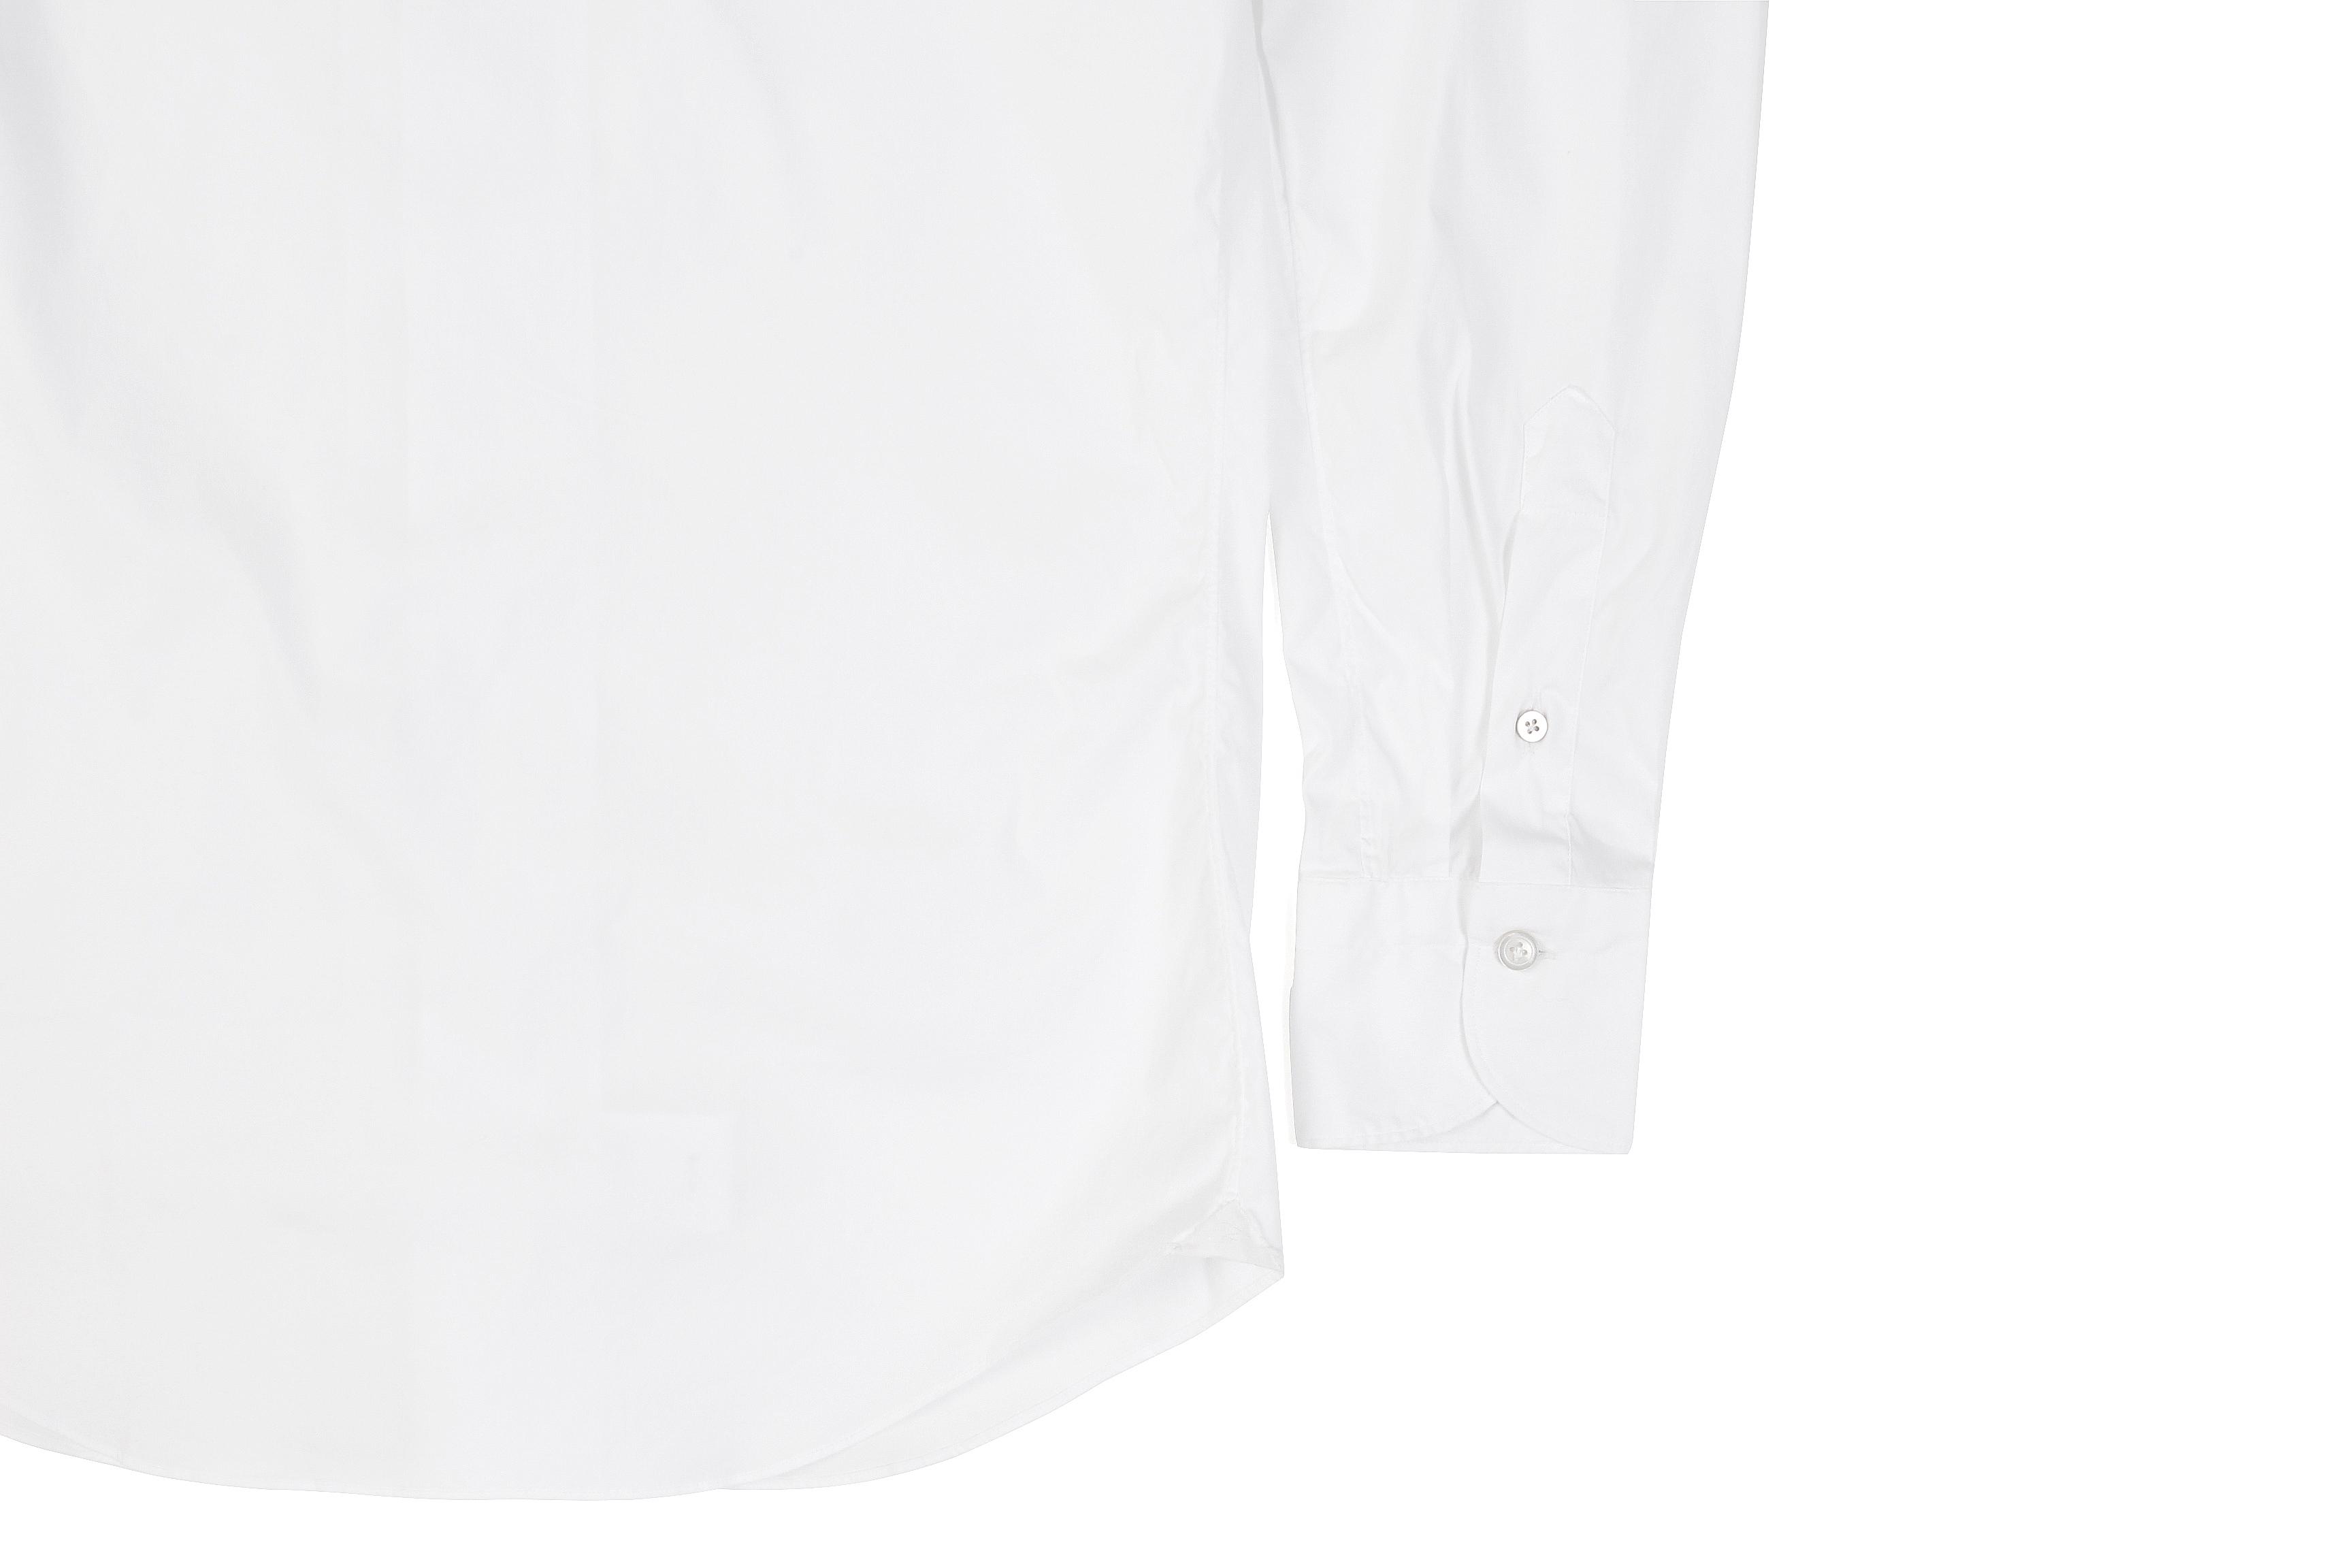 Finamore (フィナモレ) SEUL ITALIAN COLOR STRETCH COTTON SHIRTS ストレッチコットン ワンピースカラー シャツ WHITE (ホワイト・01) made in italy (イタリア製) 2020 春夏新作 愛知 名古屋 altoediritto アルトエデリット シャツ